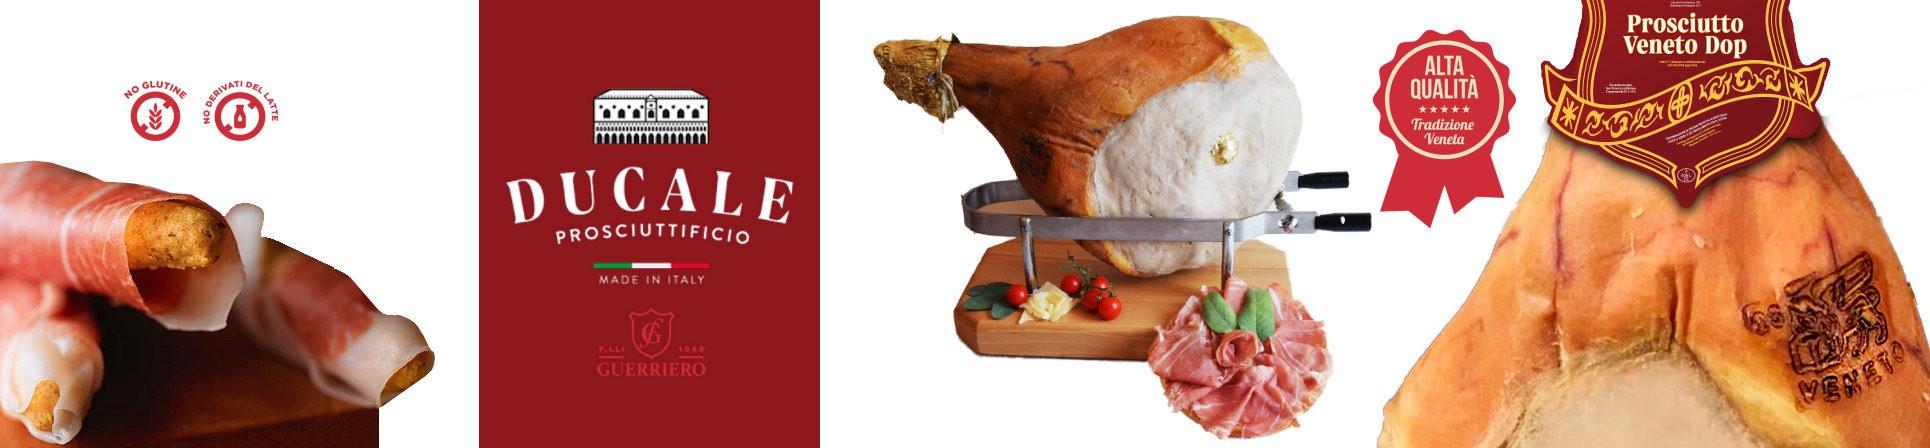 Prosciutto Veneto DOP vendita online - Prosciuttificio Ducale